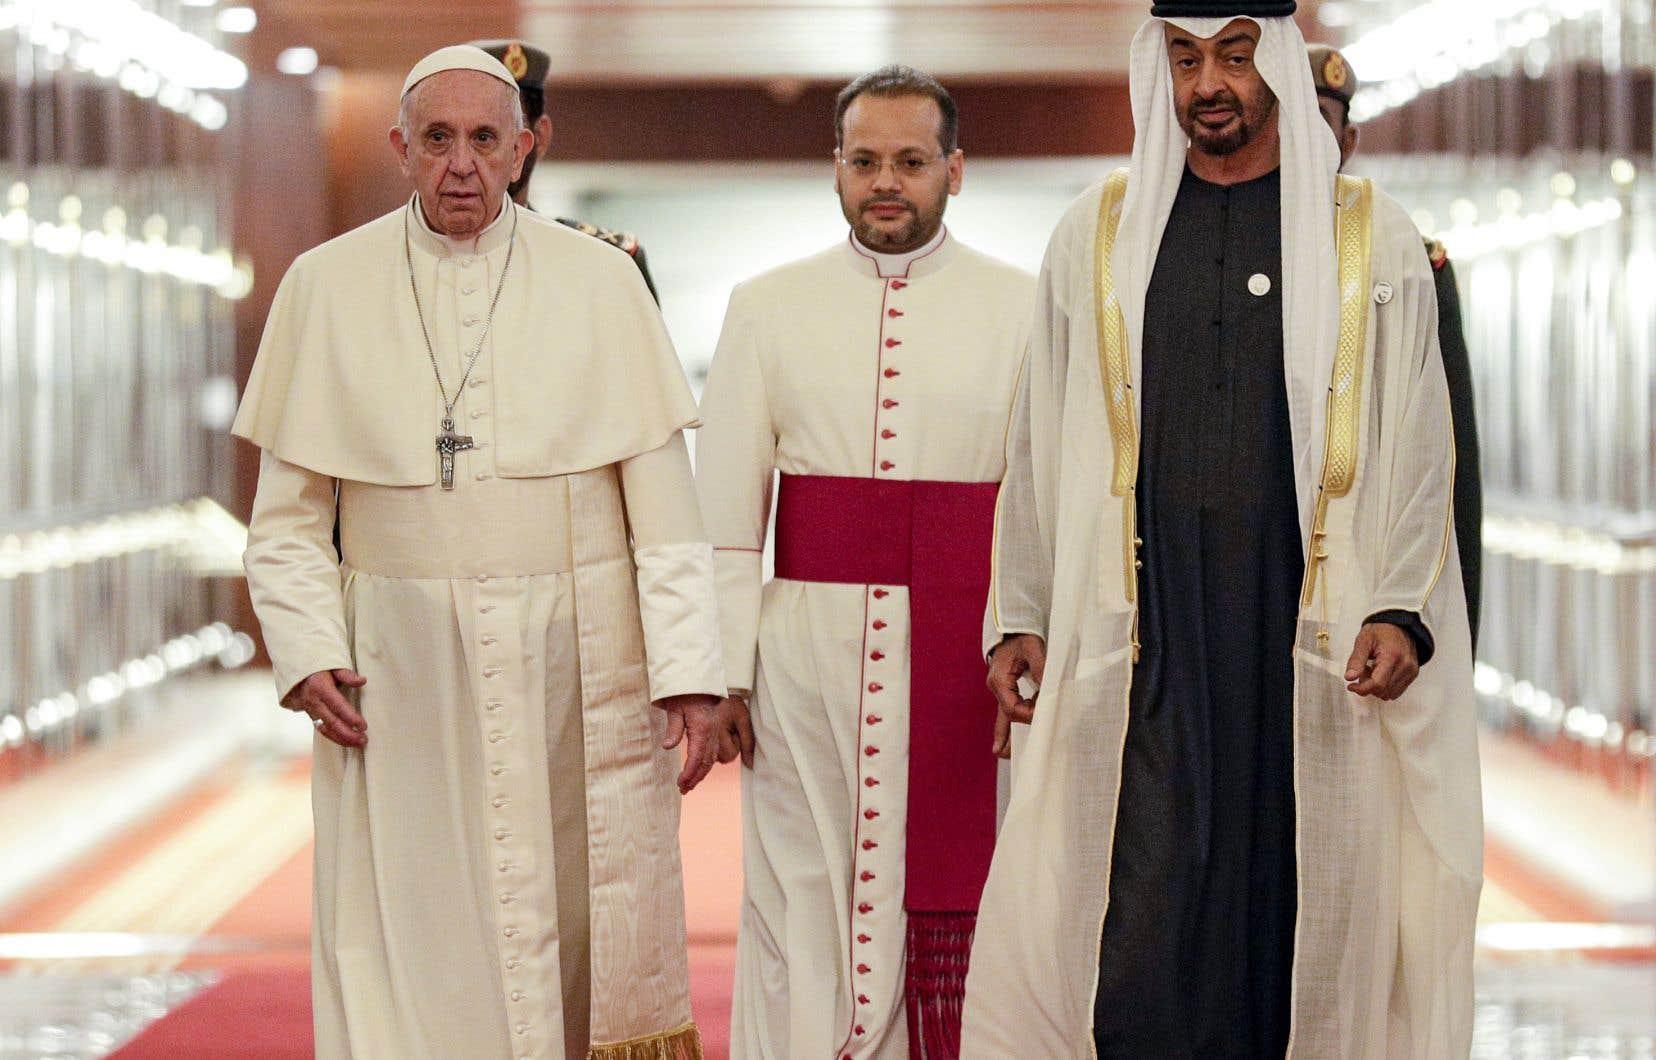 Le pape François visite le berceau de l'islam | Le Devoir